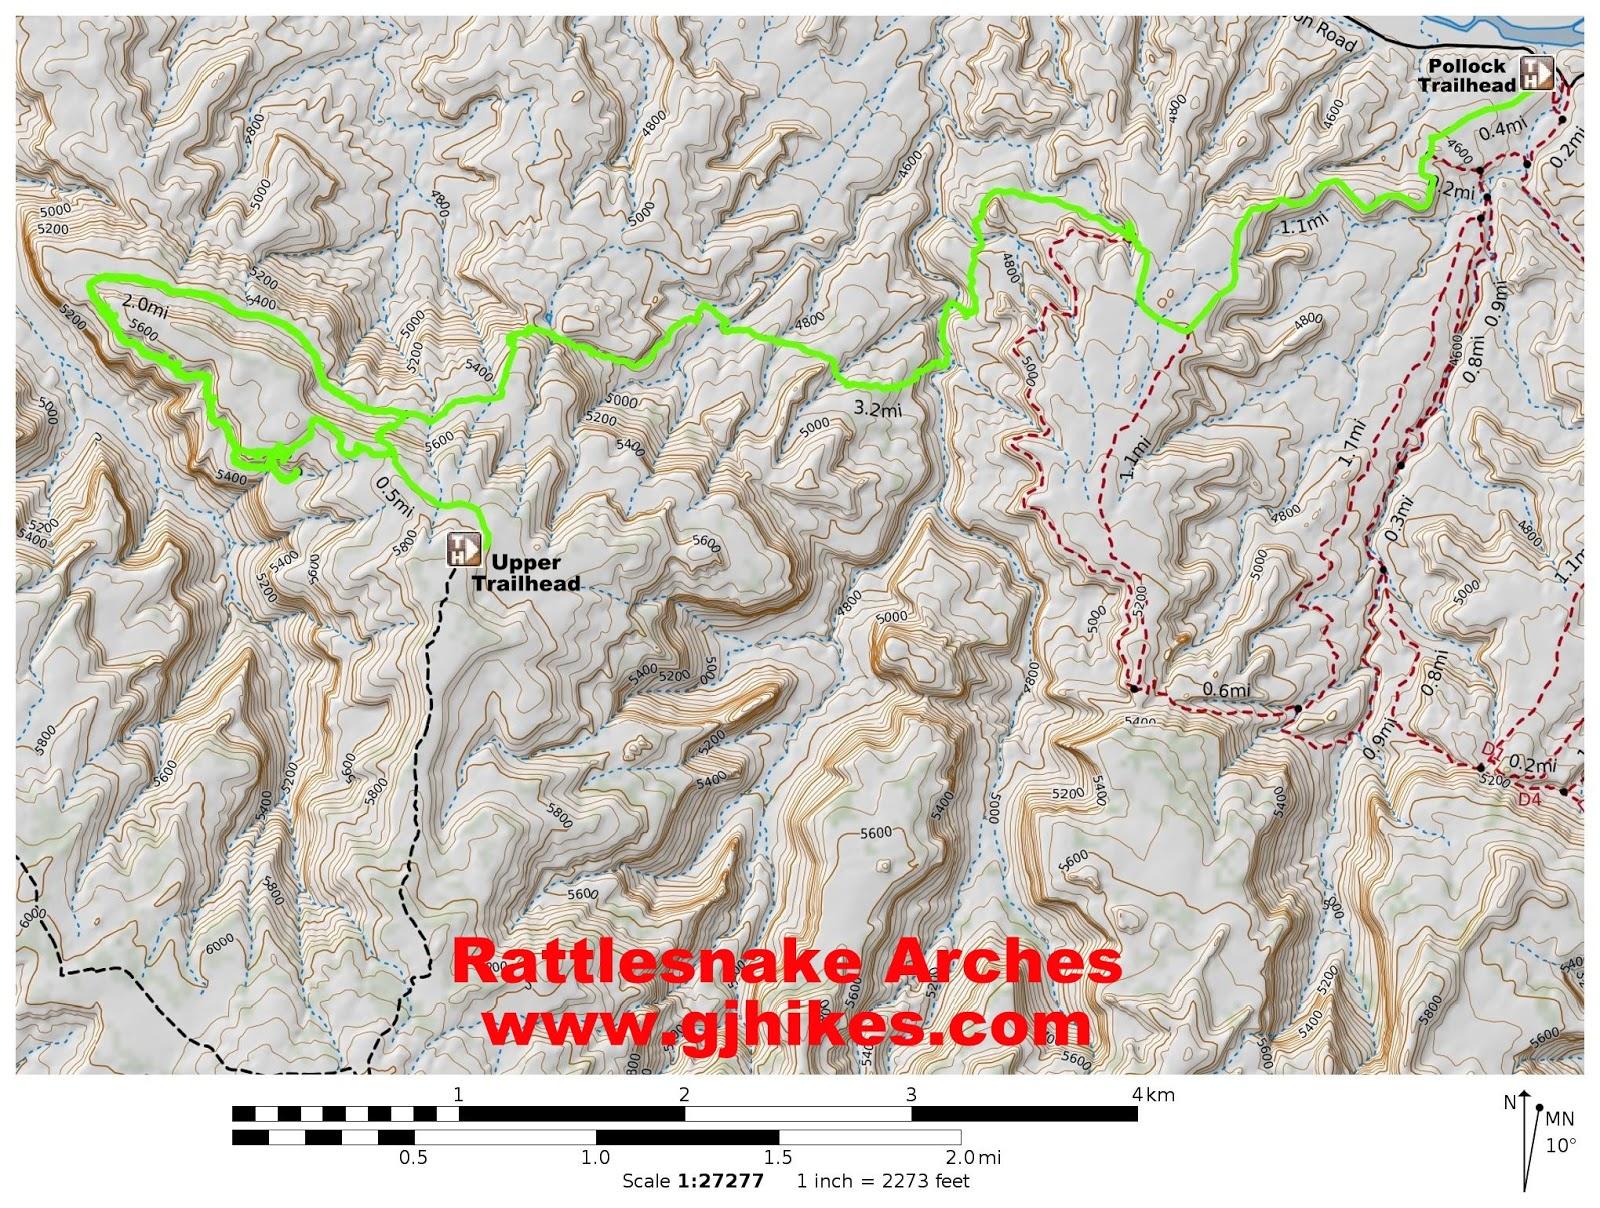 gjhikescom Rattlesnake Arches Upper Trailhead